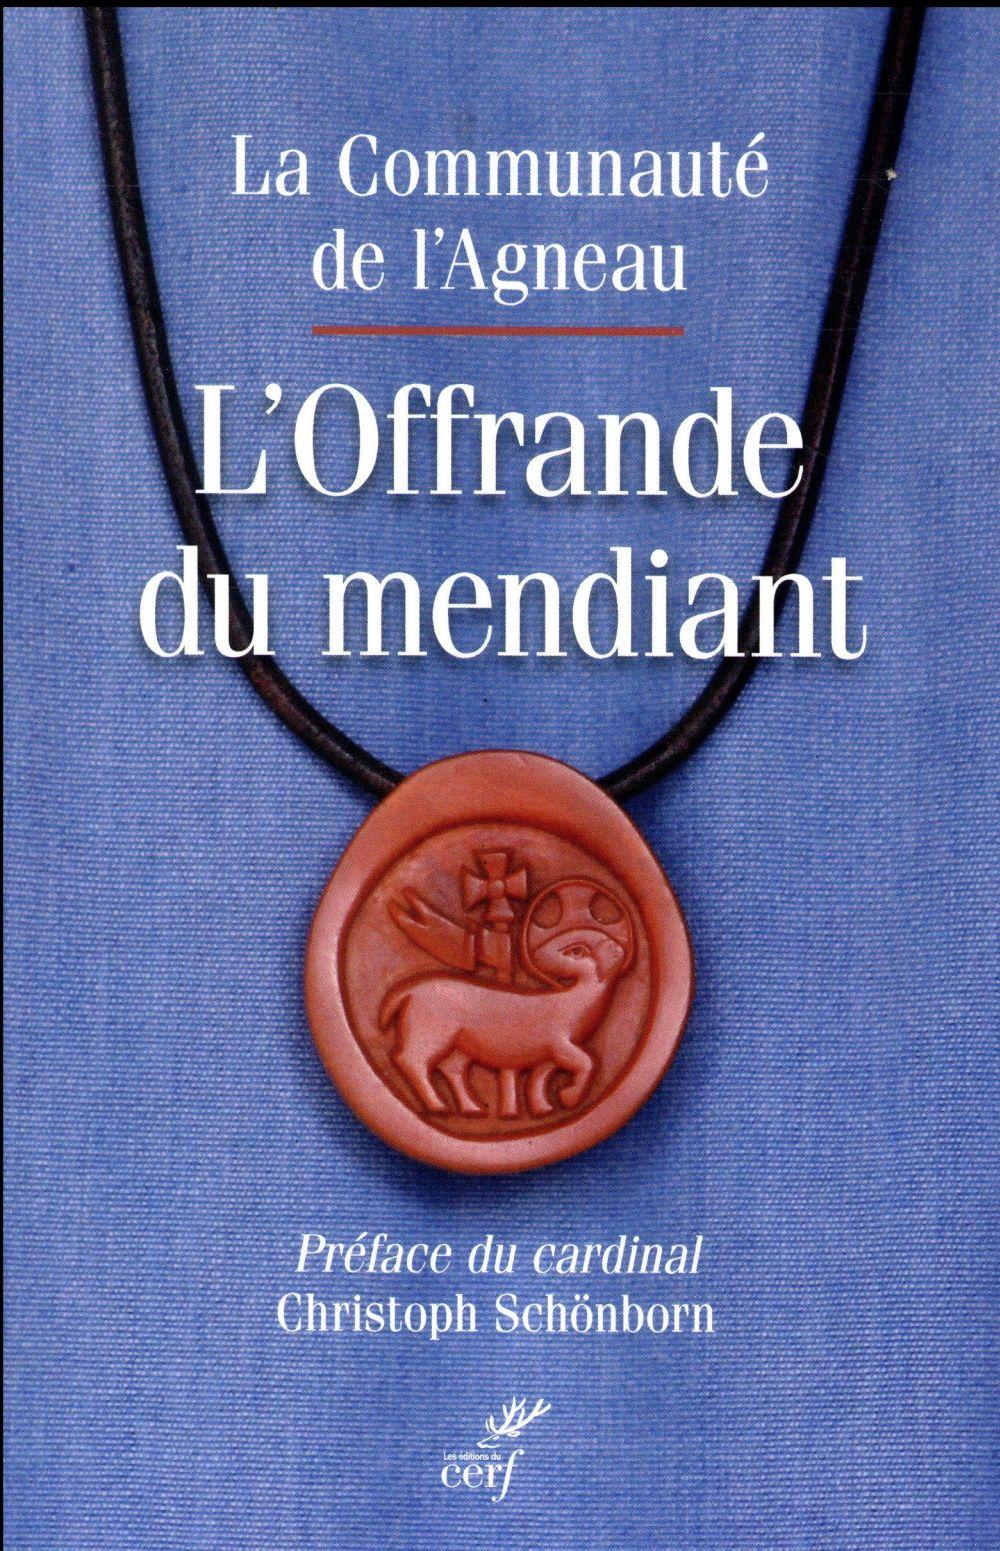 L'OFFRANDE DU MENDIANT